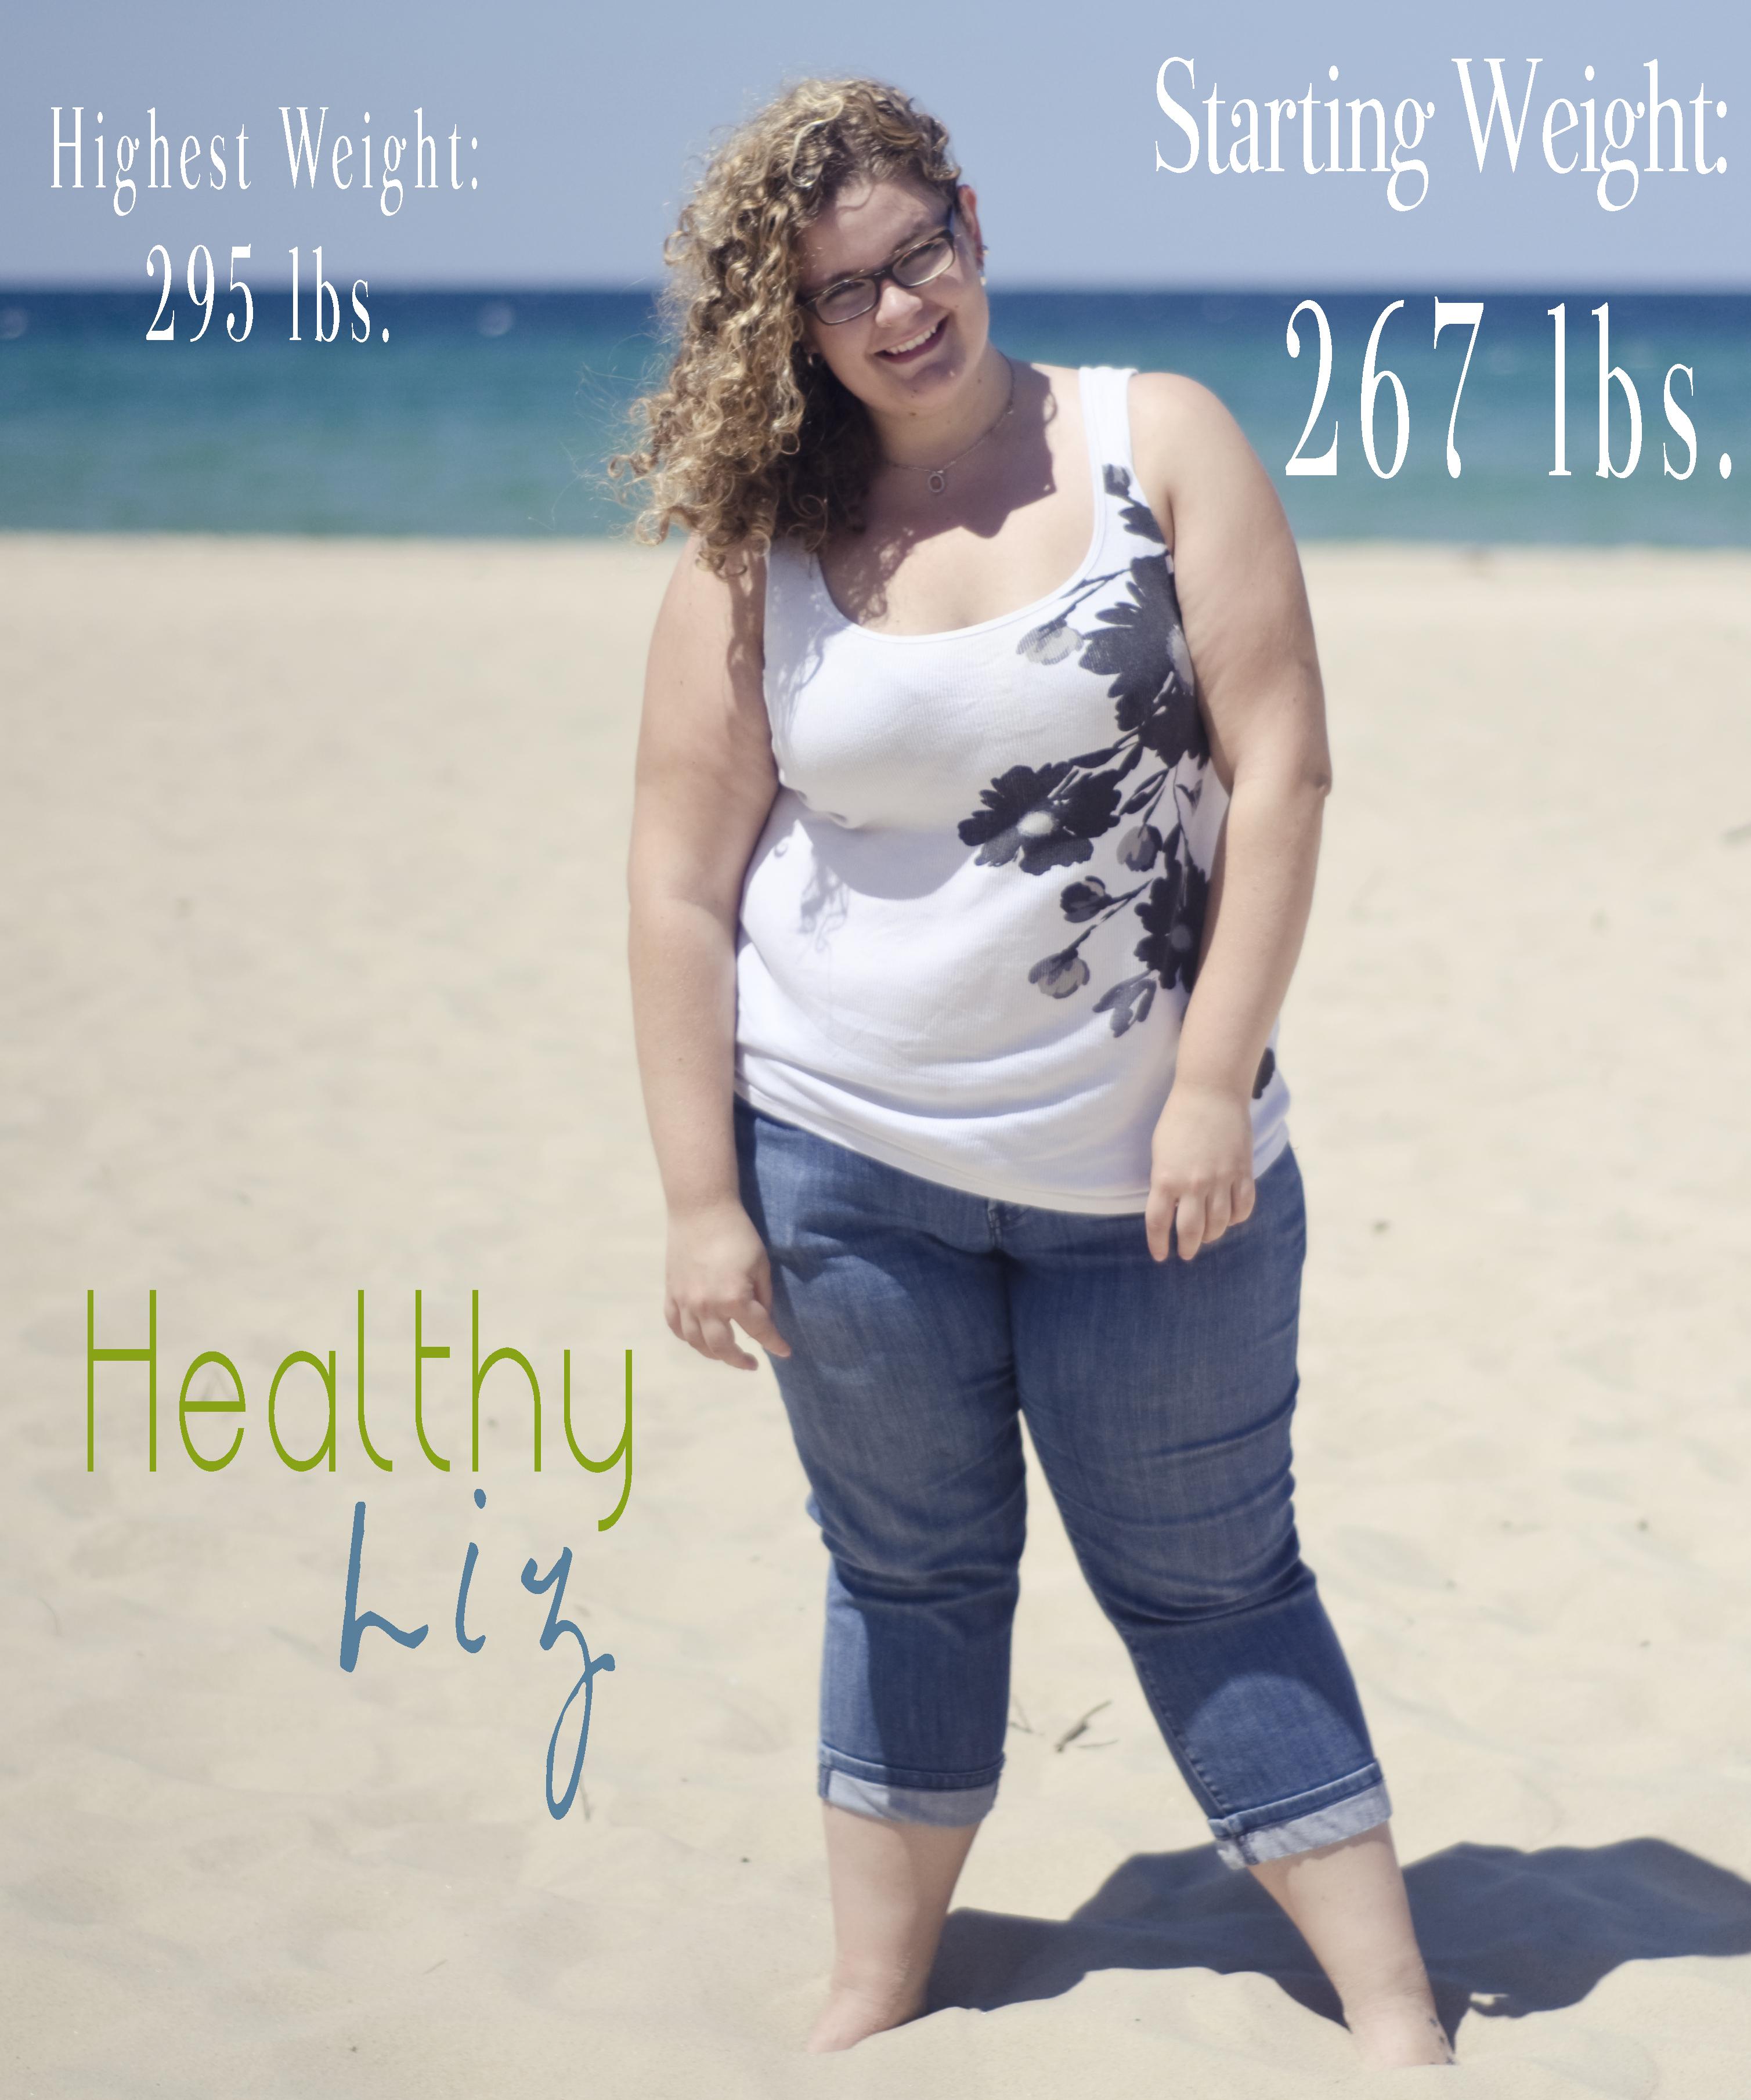 Healthy Liz